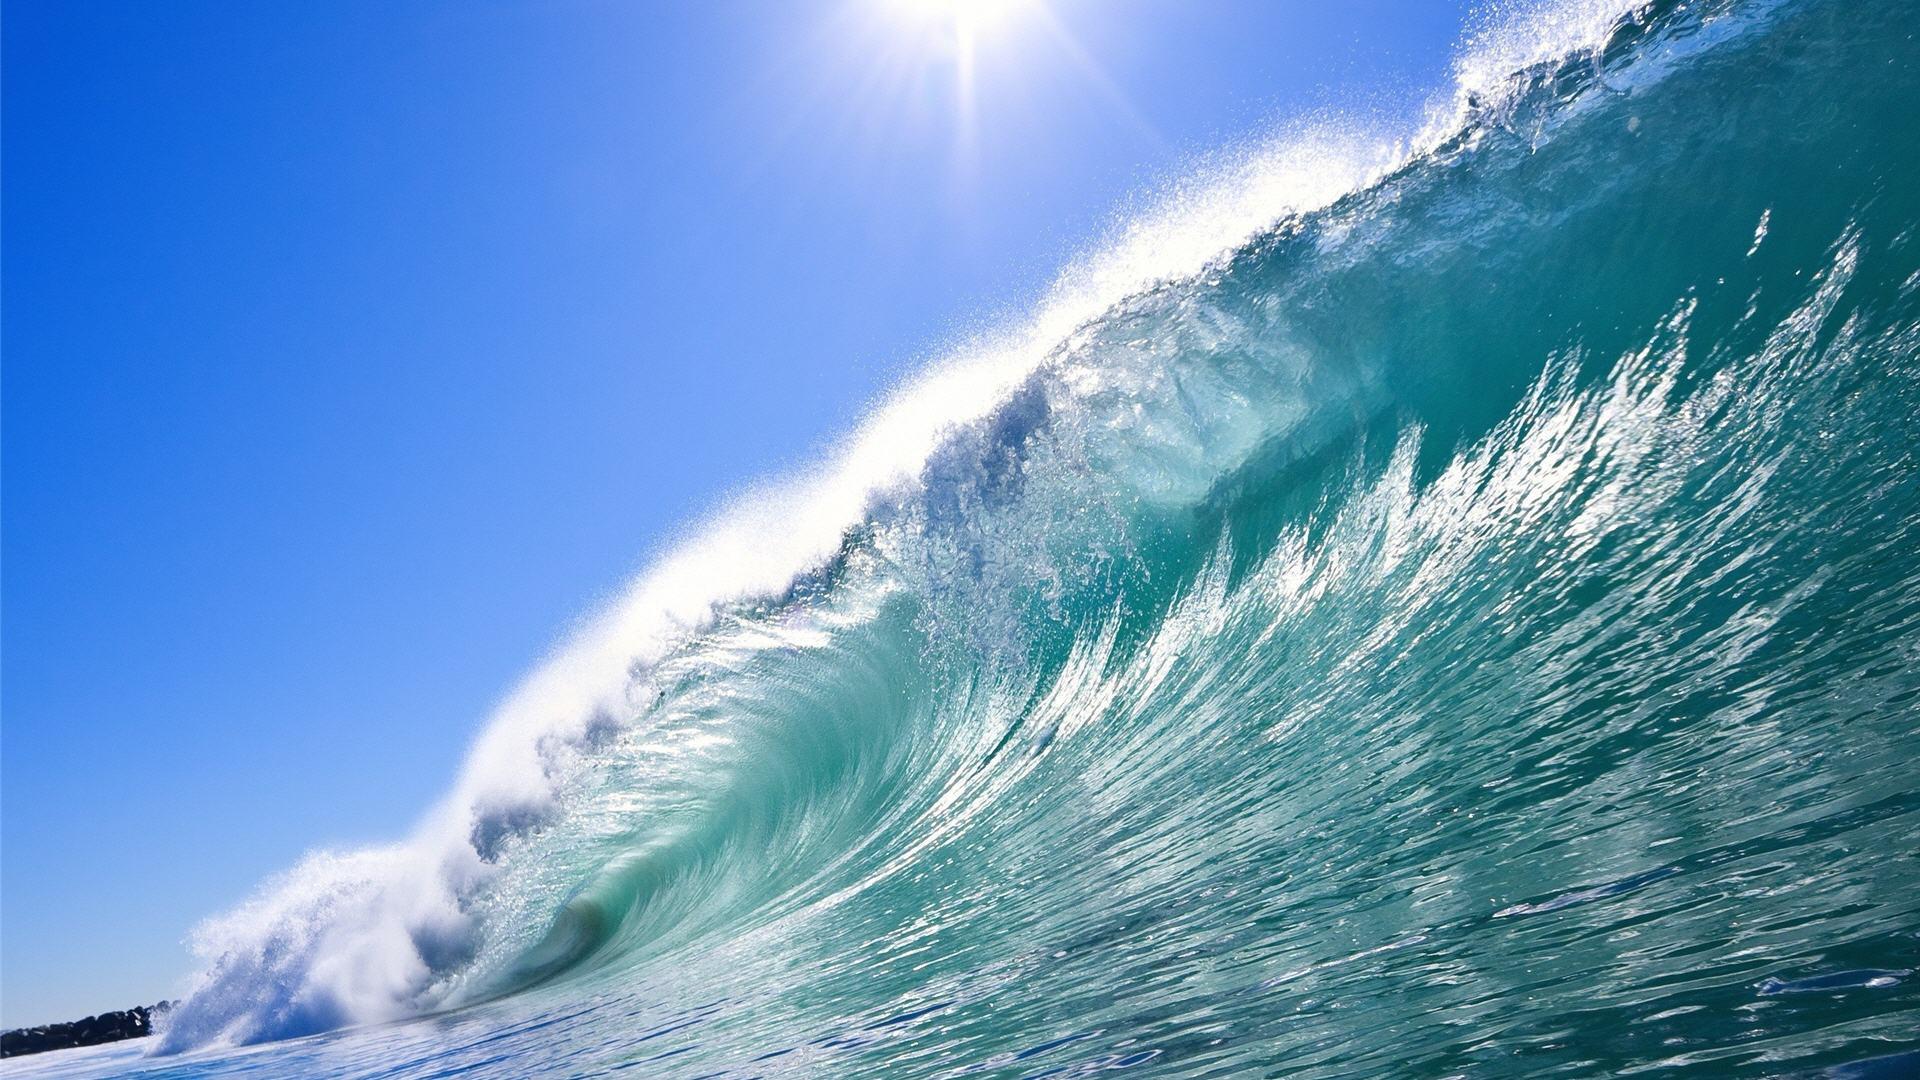 Ocean Waves Live Wallpaper Hd - Beautiful Beach Waves , HD Wallpaper & Backgrounds